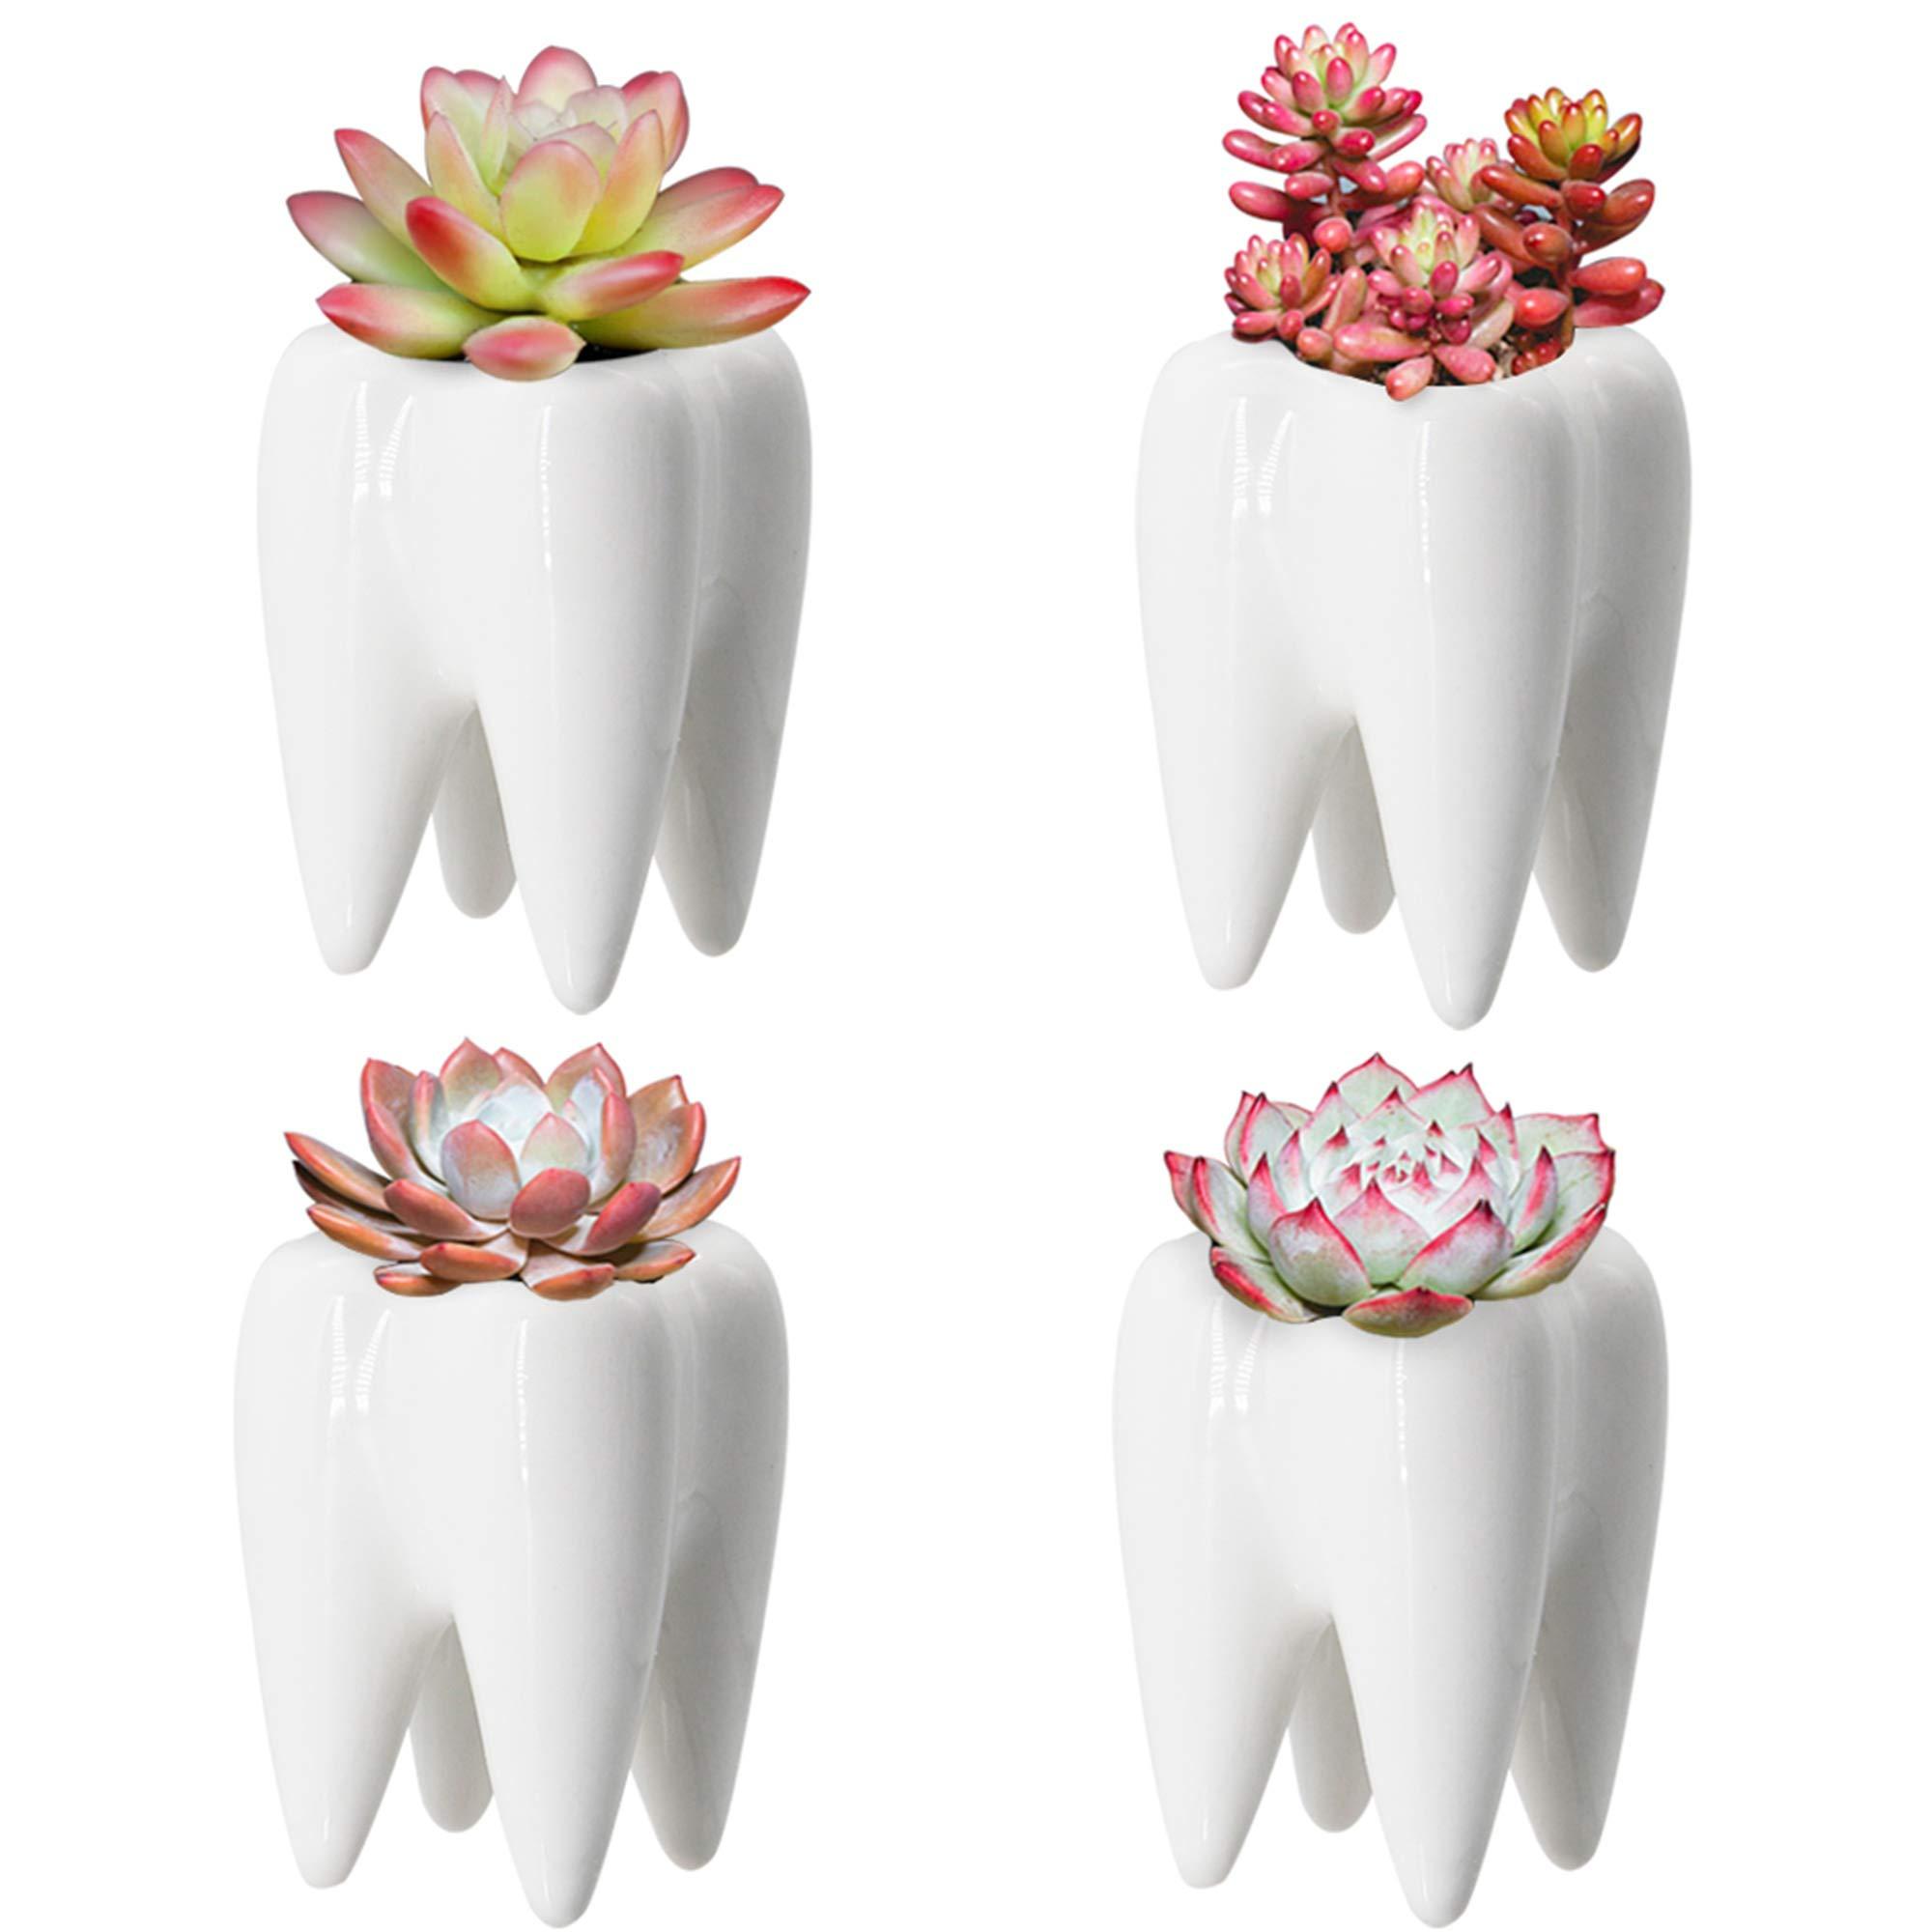 YOFIT Modern Style Teeth Pots Ceramic Flower Pot, White Succulent Cactus Bonsai Planter Container, Set of 4